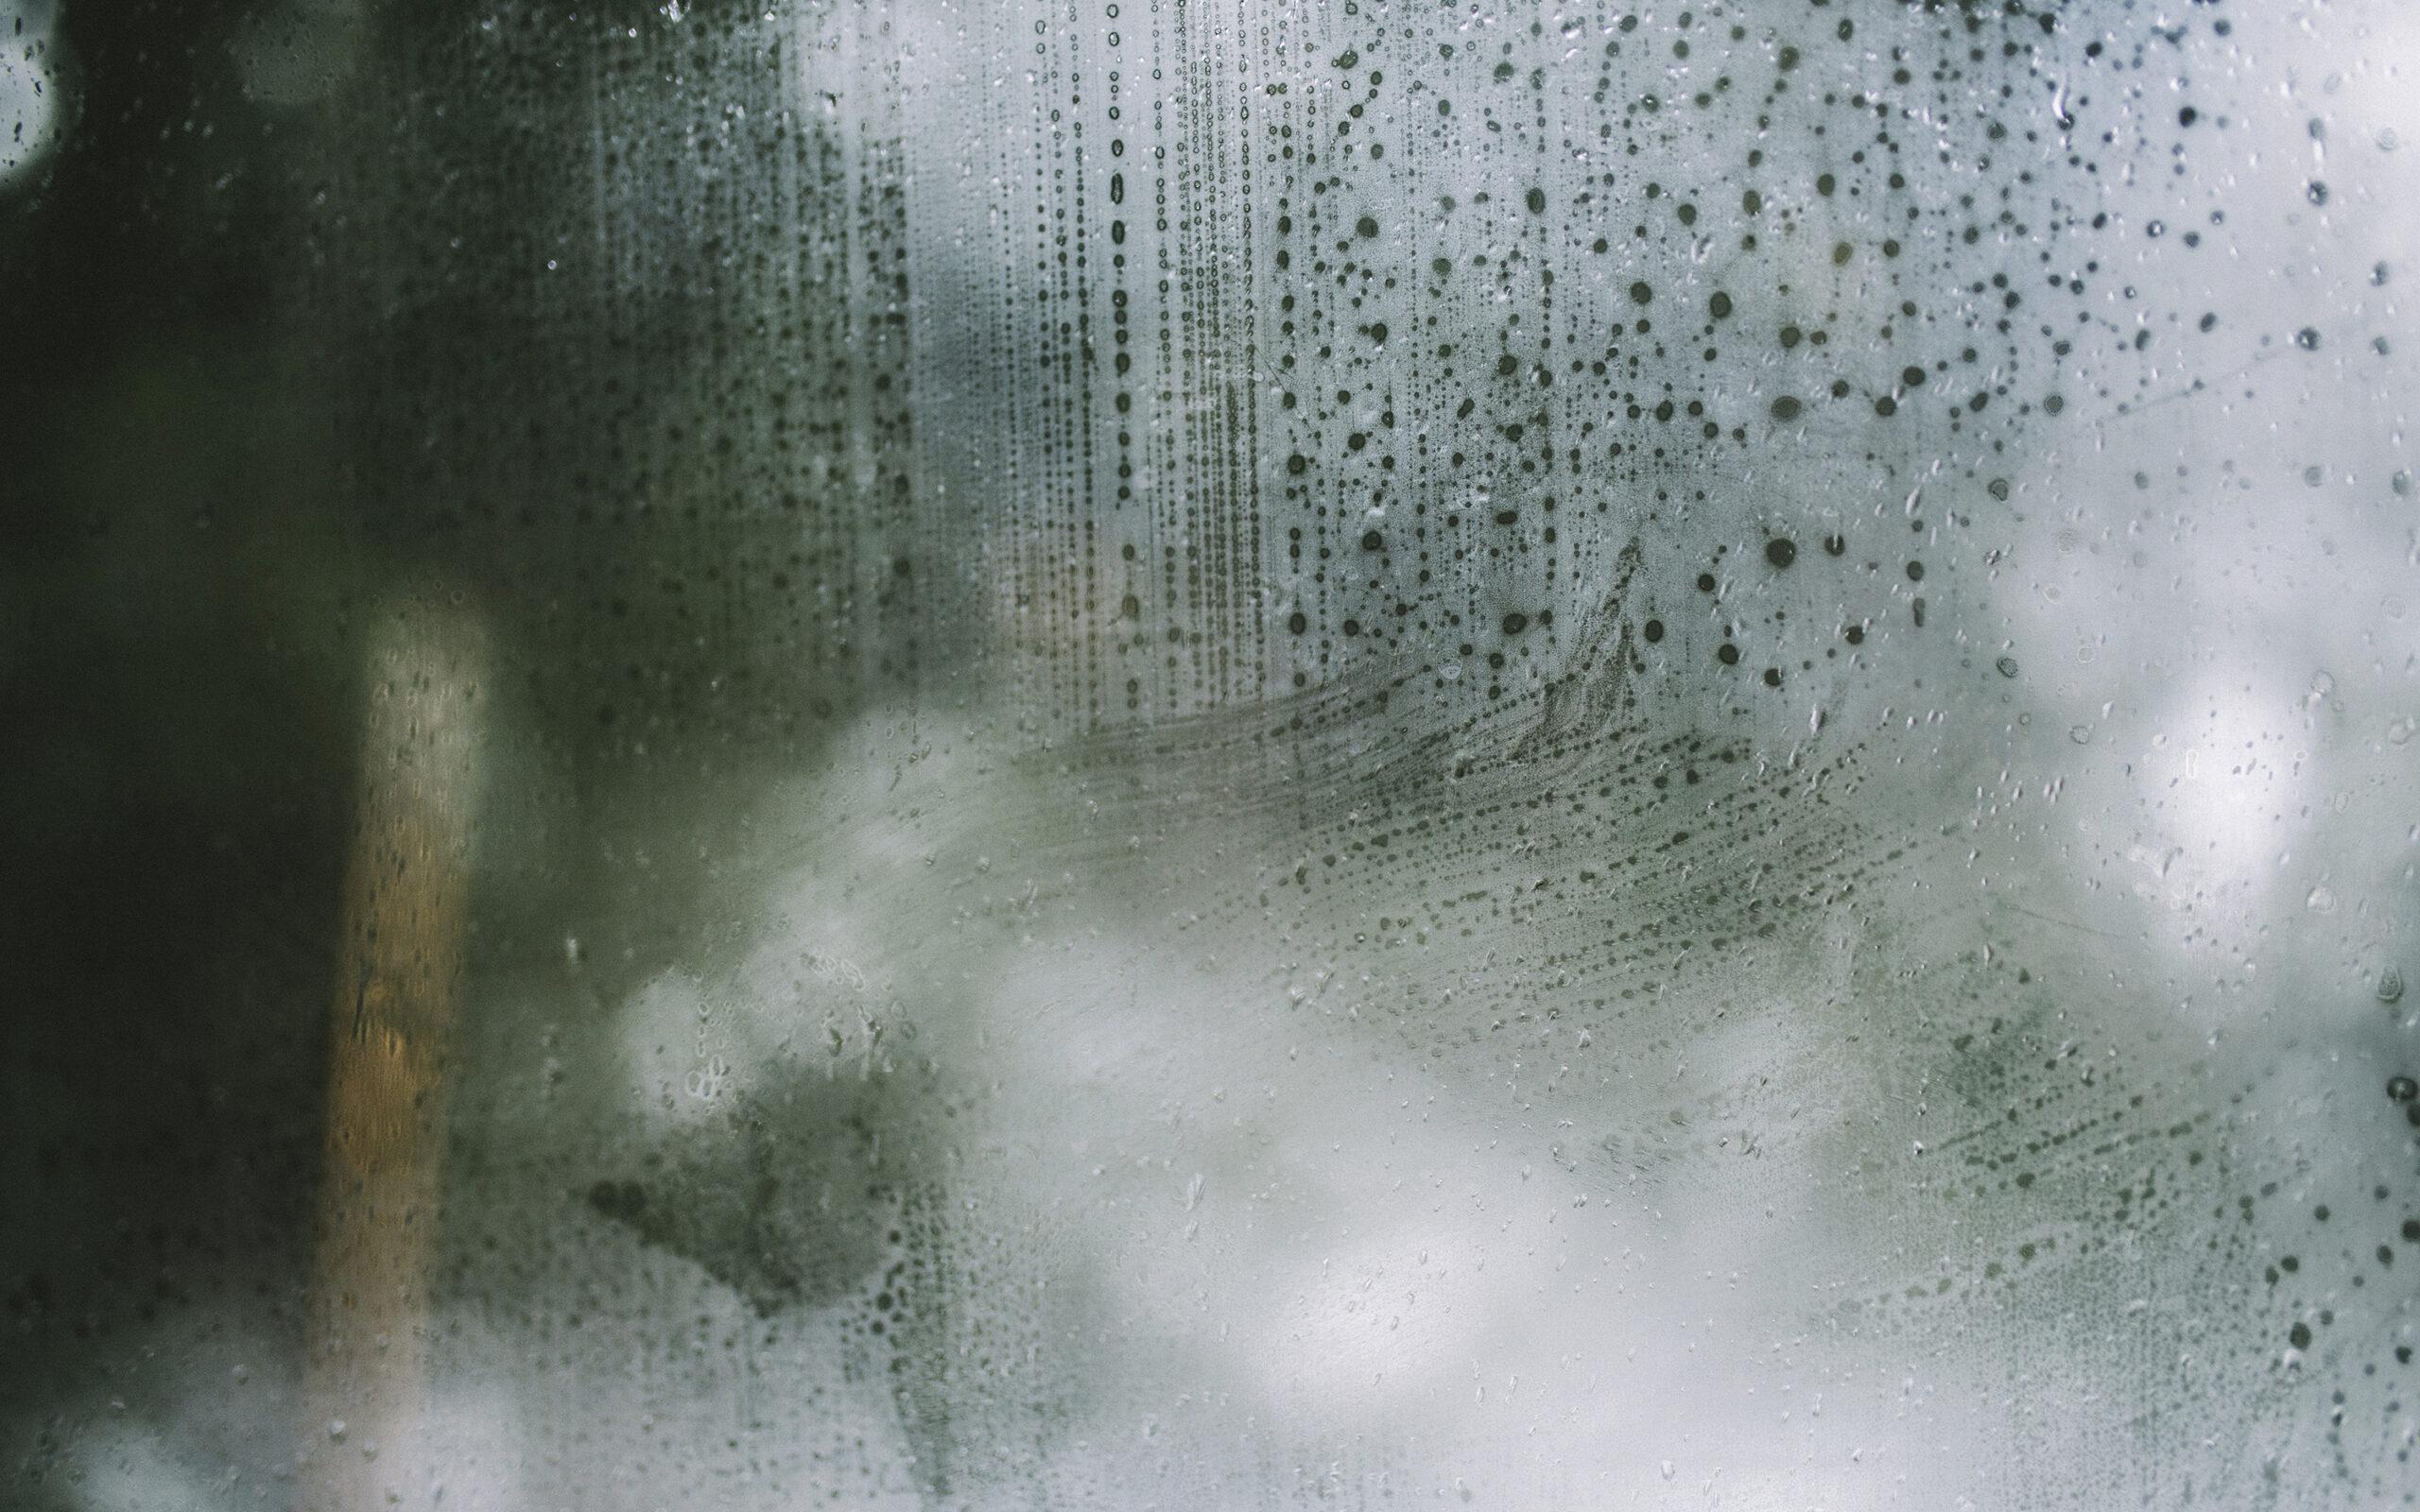 L'humidité : comment s'en débarrasser ?